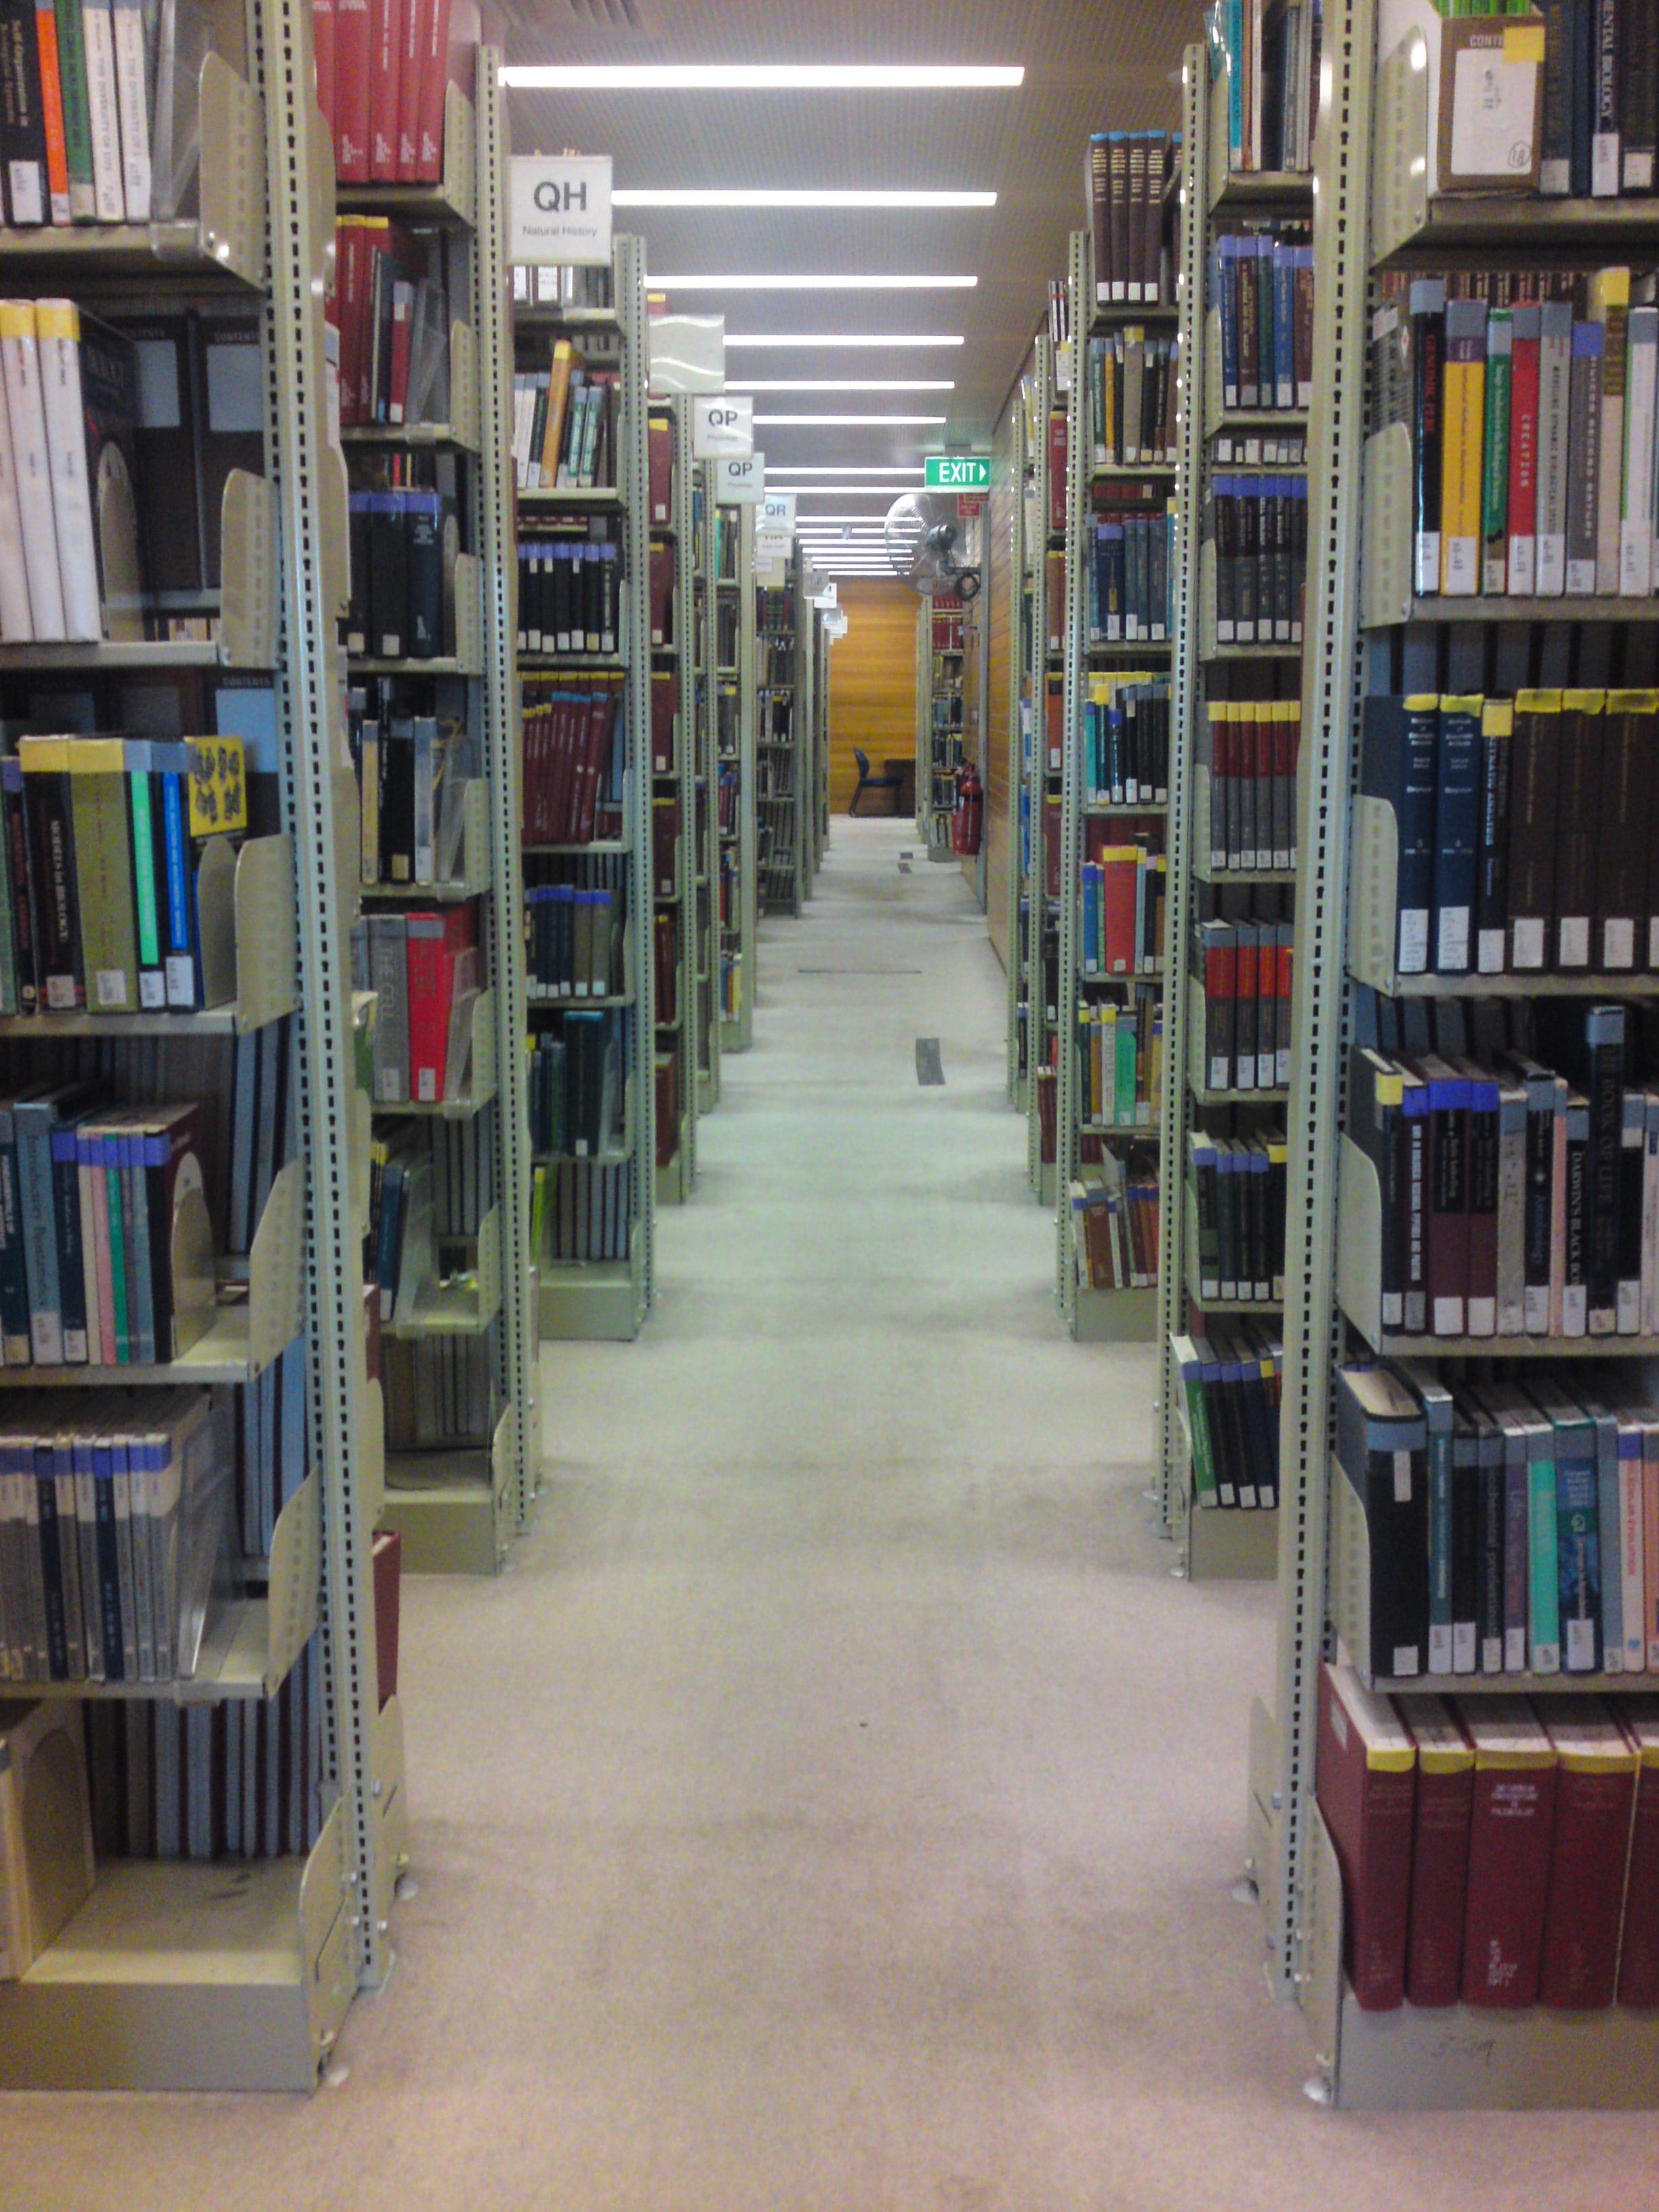 Old Library Bookshelves 2448 x 3264